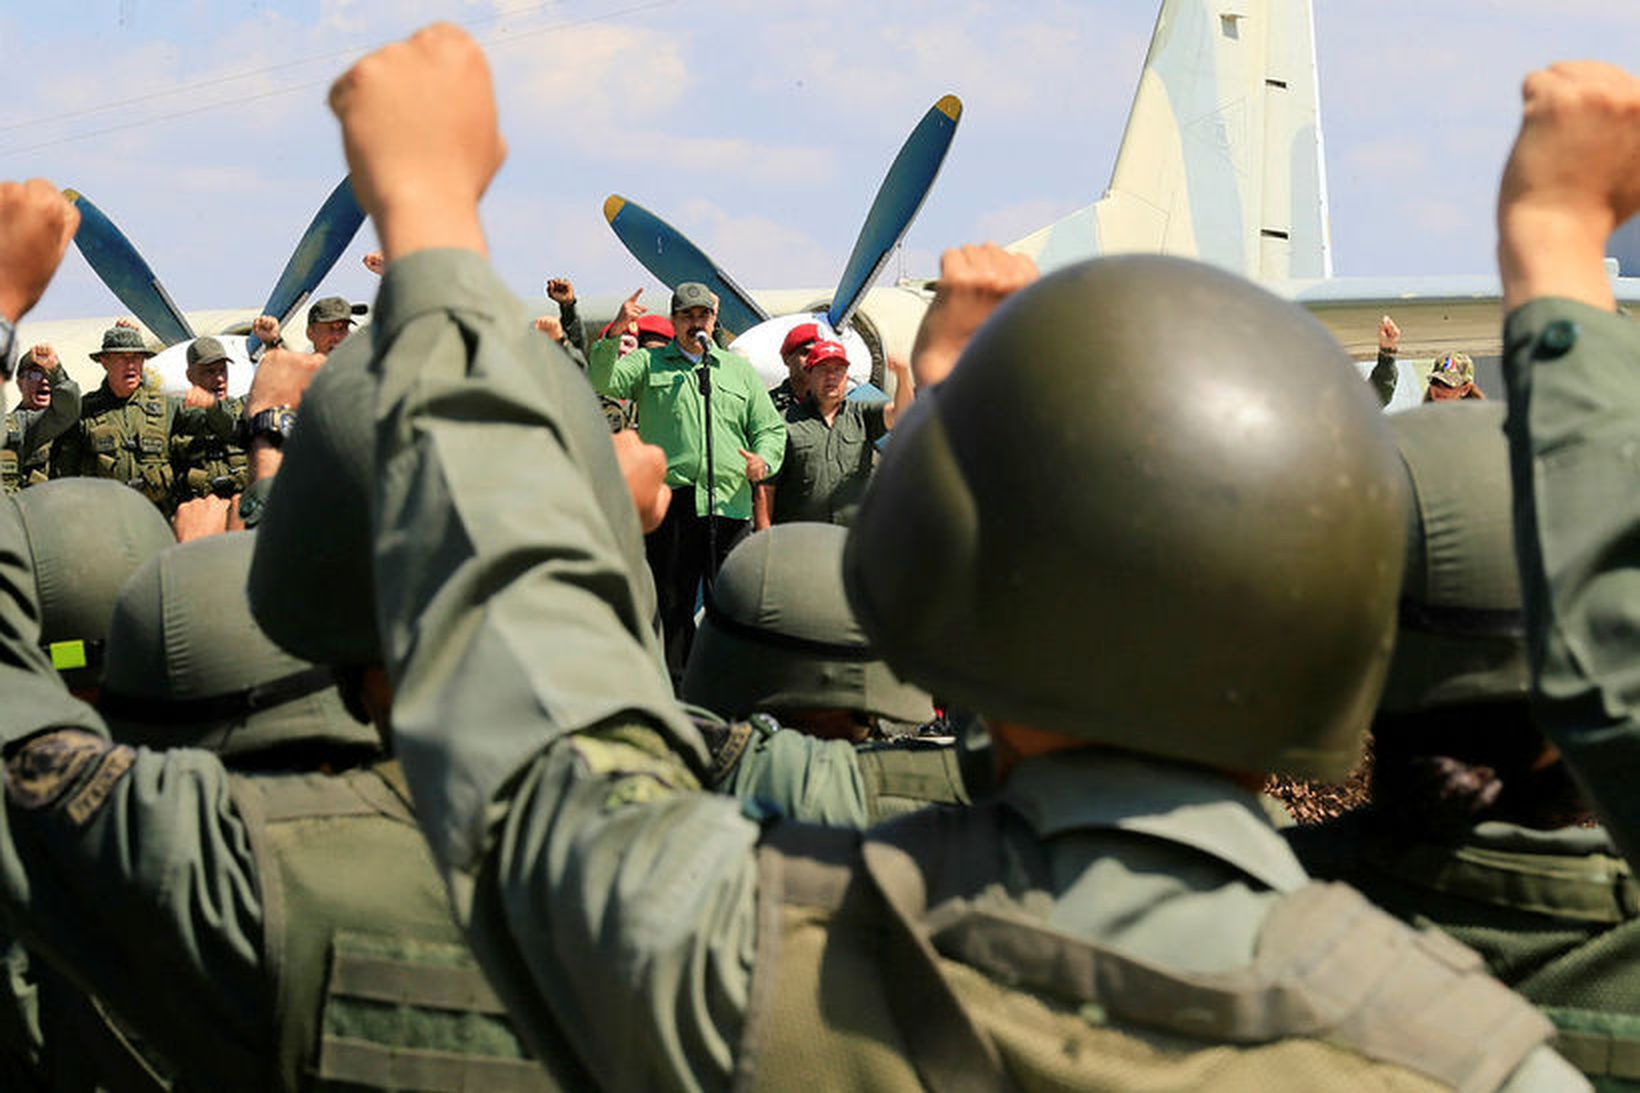 Nicolas Maduro, forseti Venesúela, flytur hér ávarp á svæði flughersins …